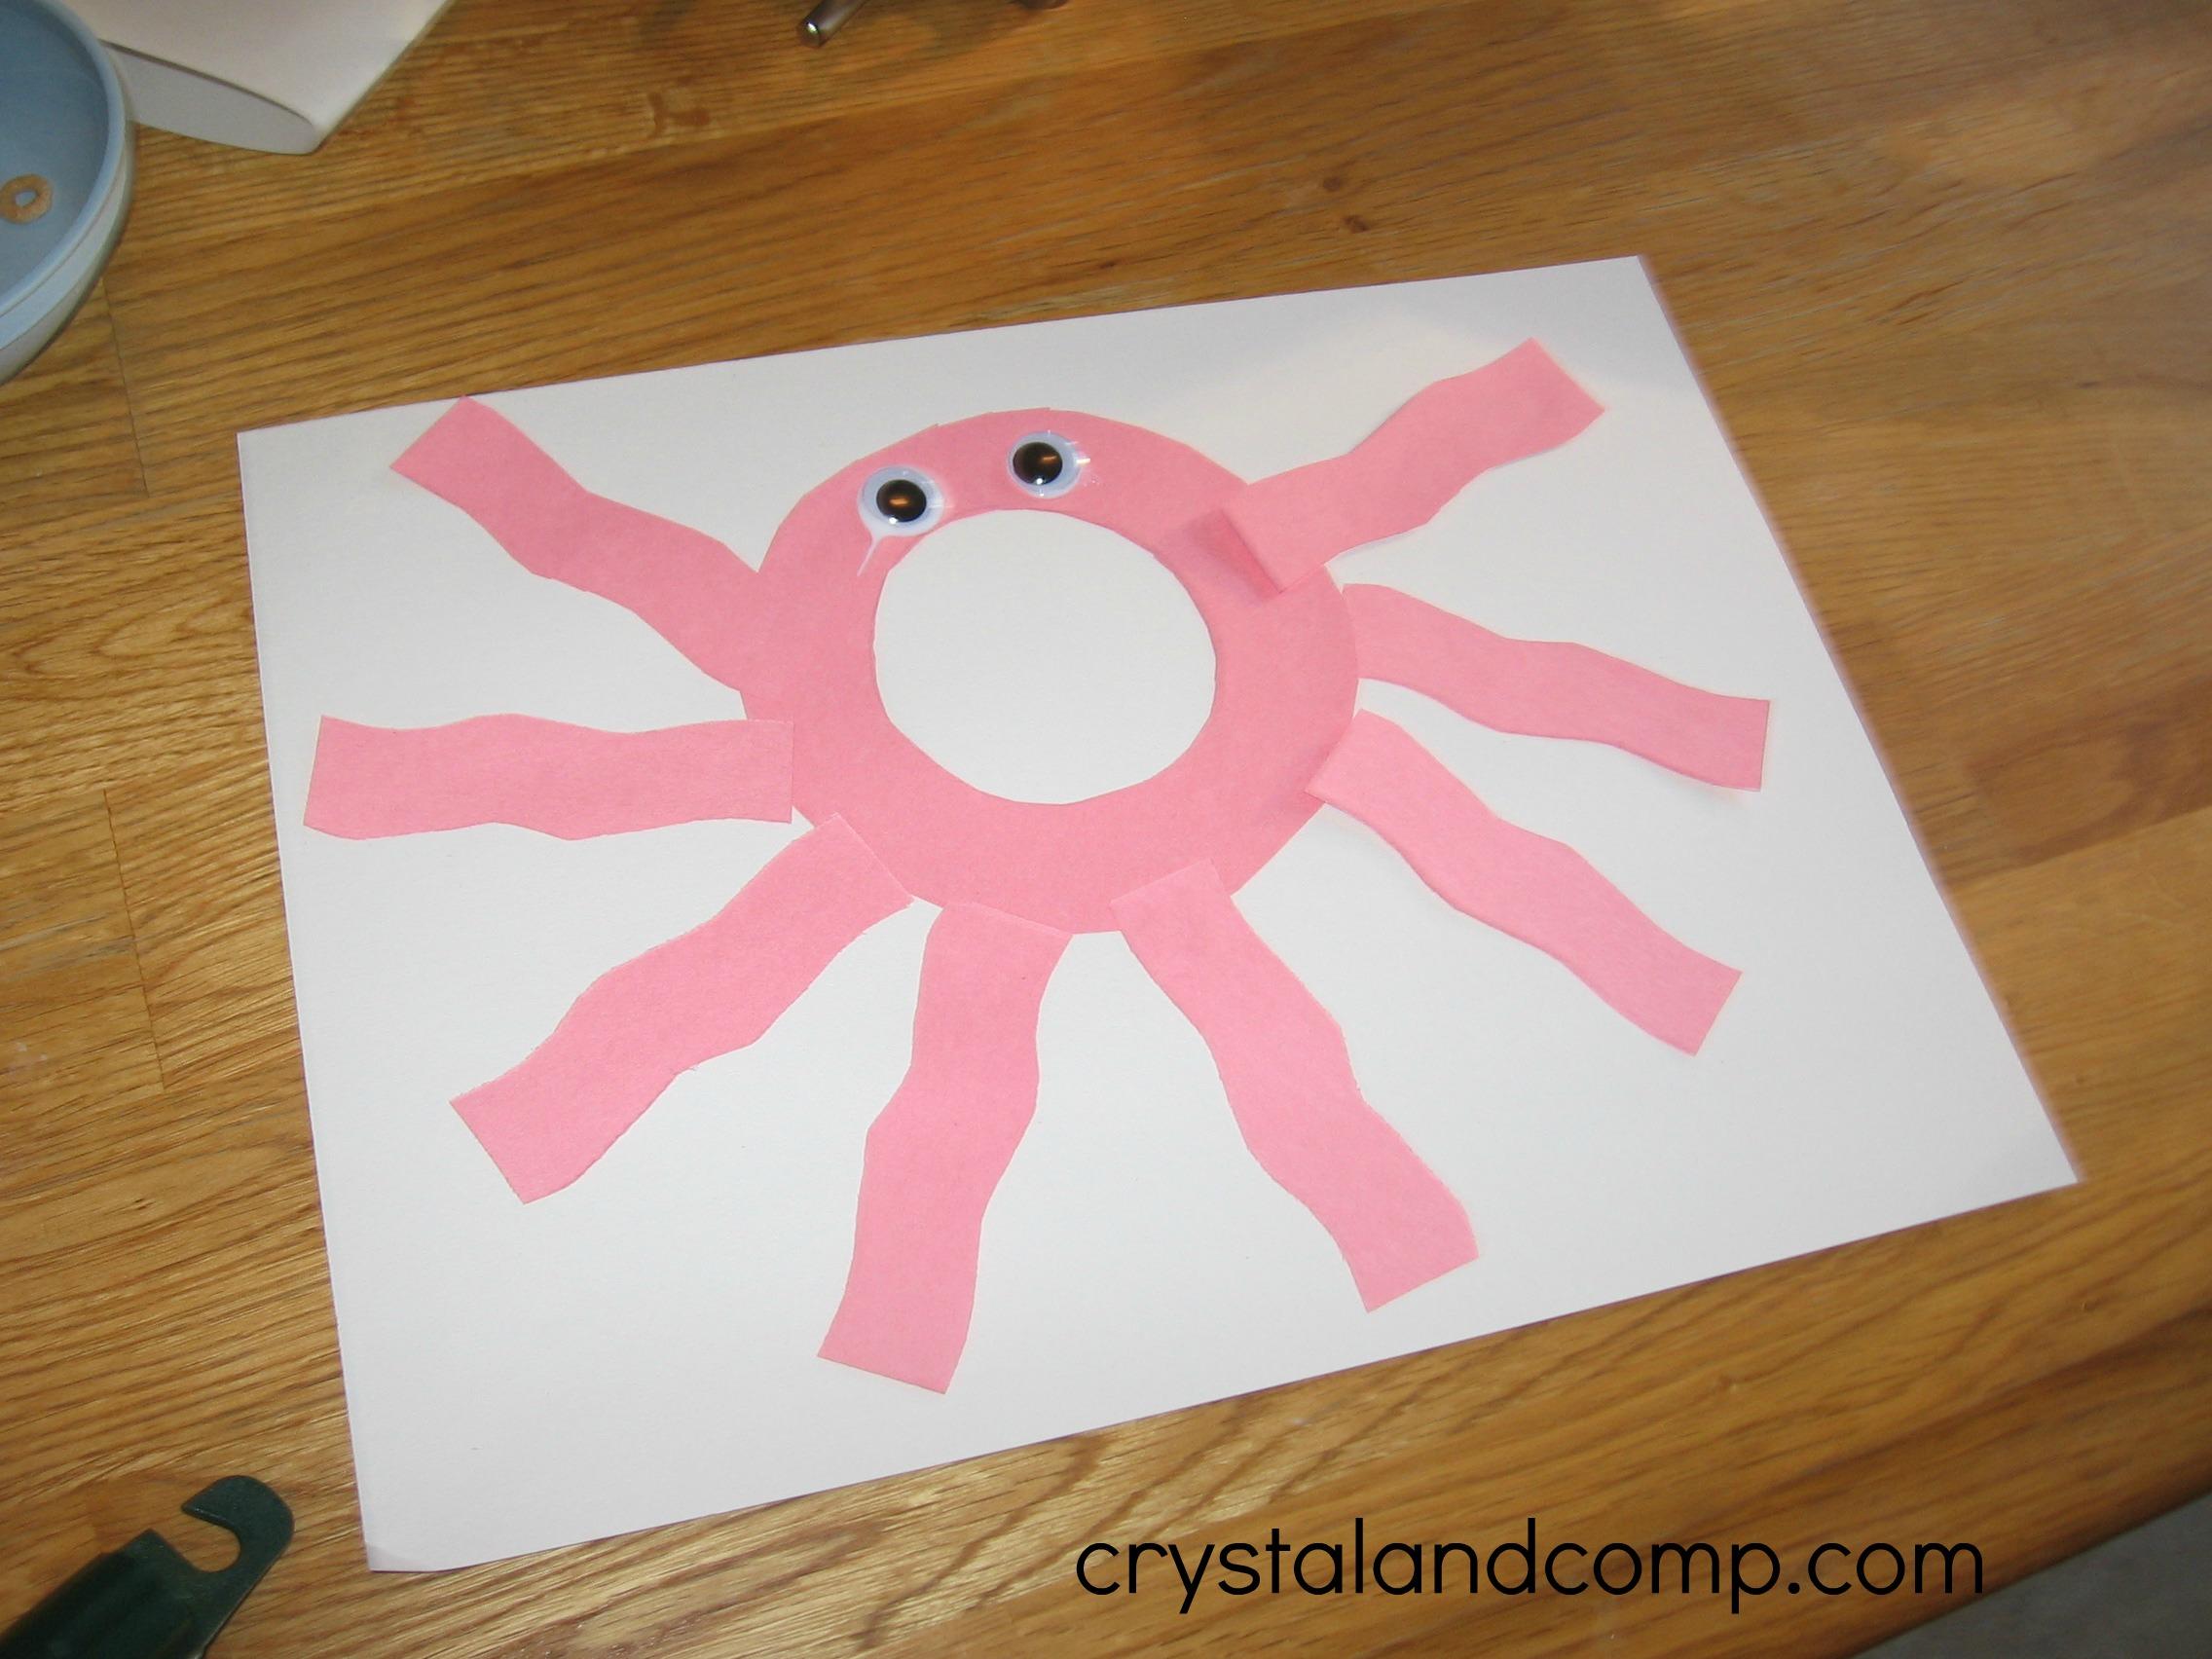 Alphabet Activities for Preschoolers: O is for Octopus